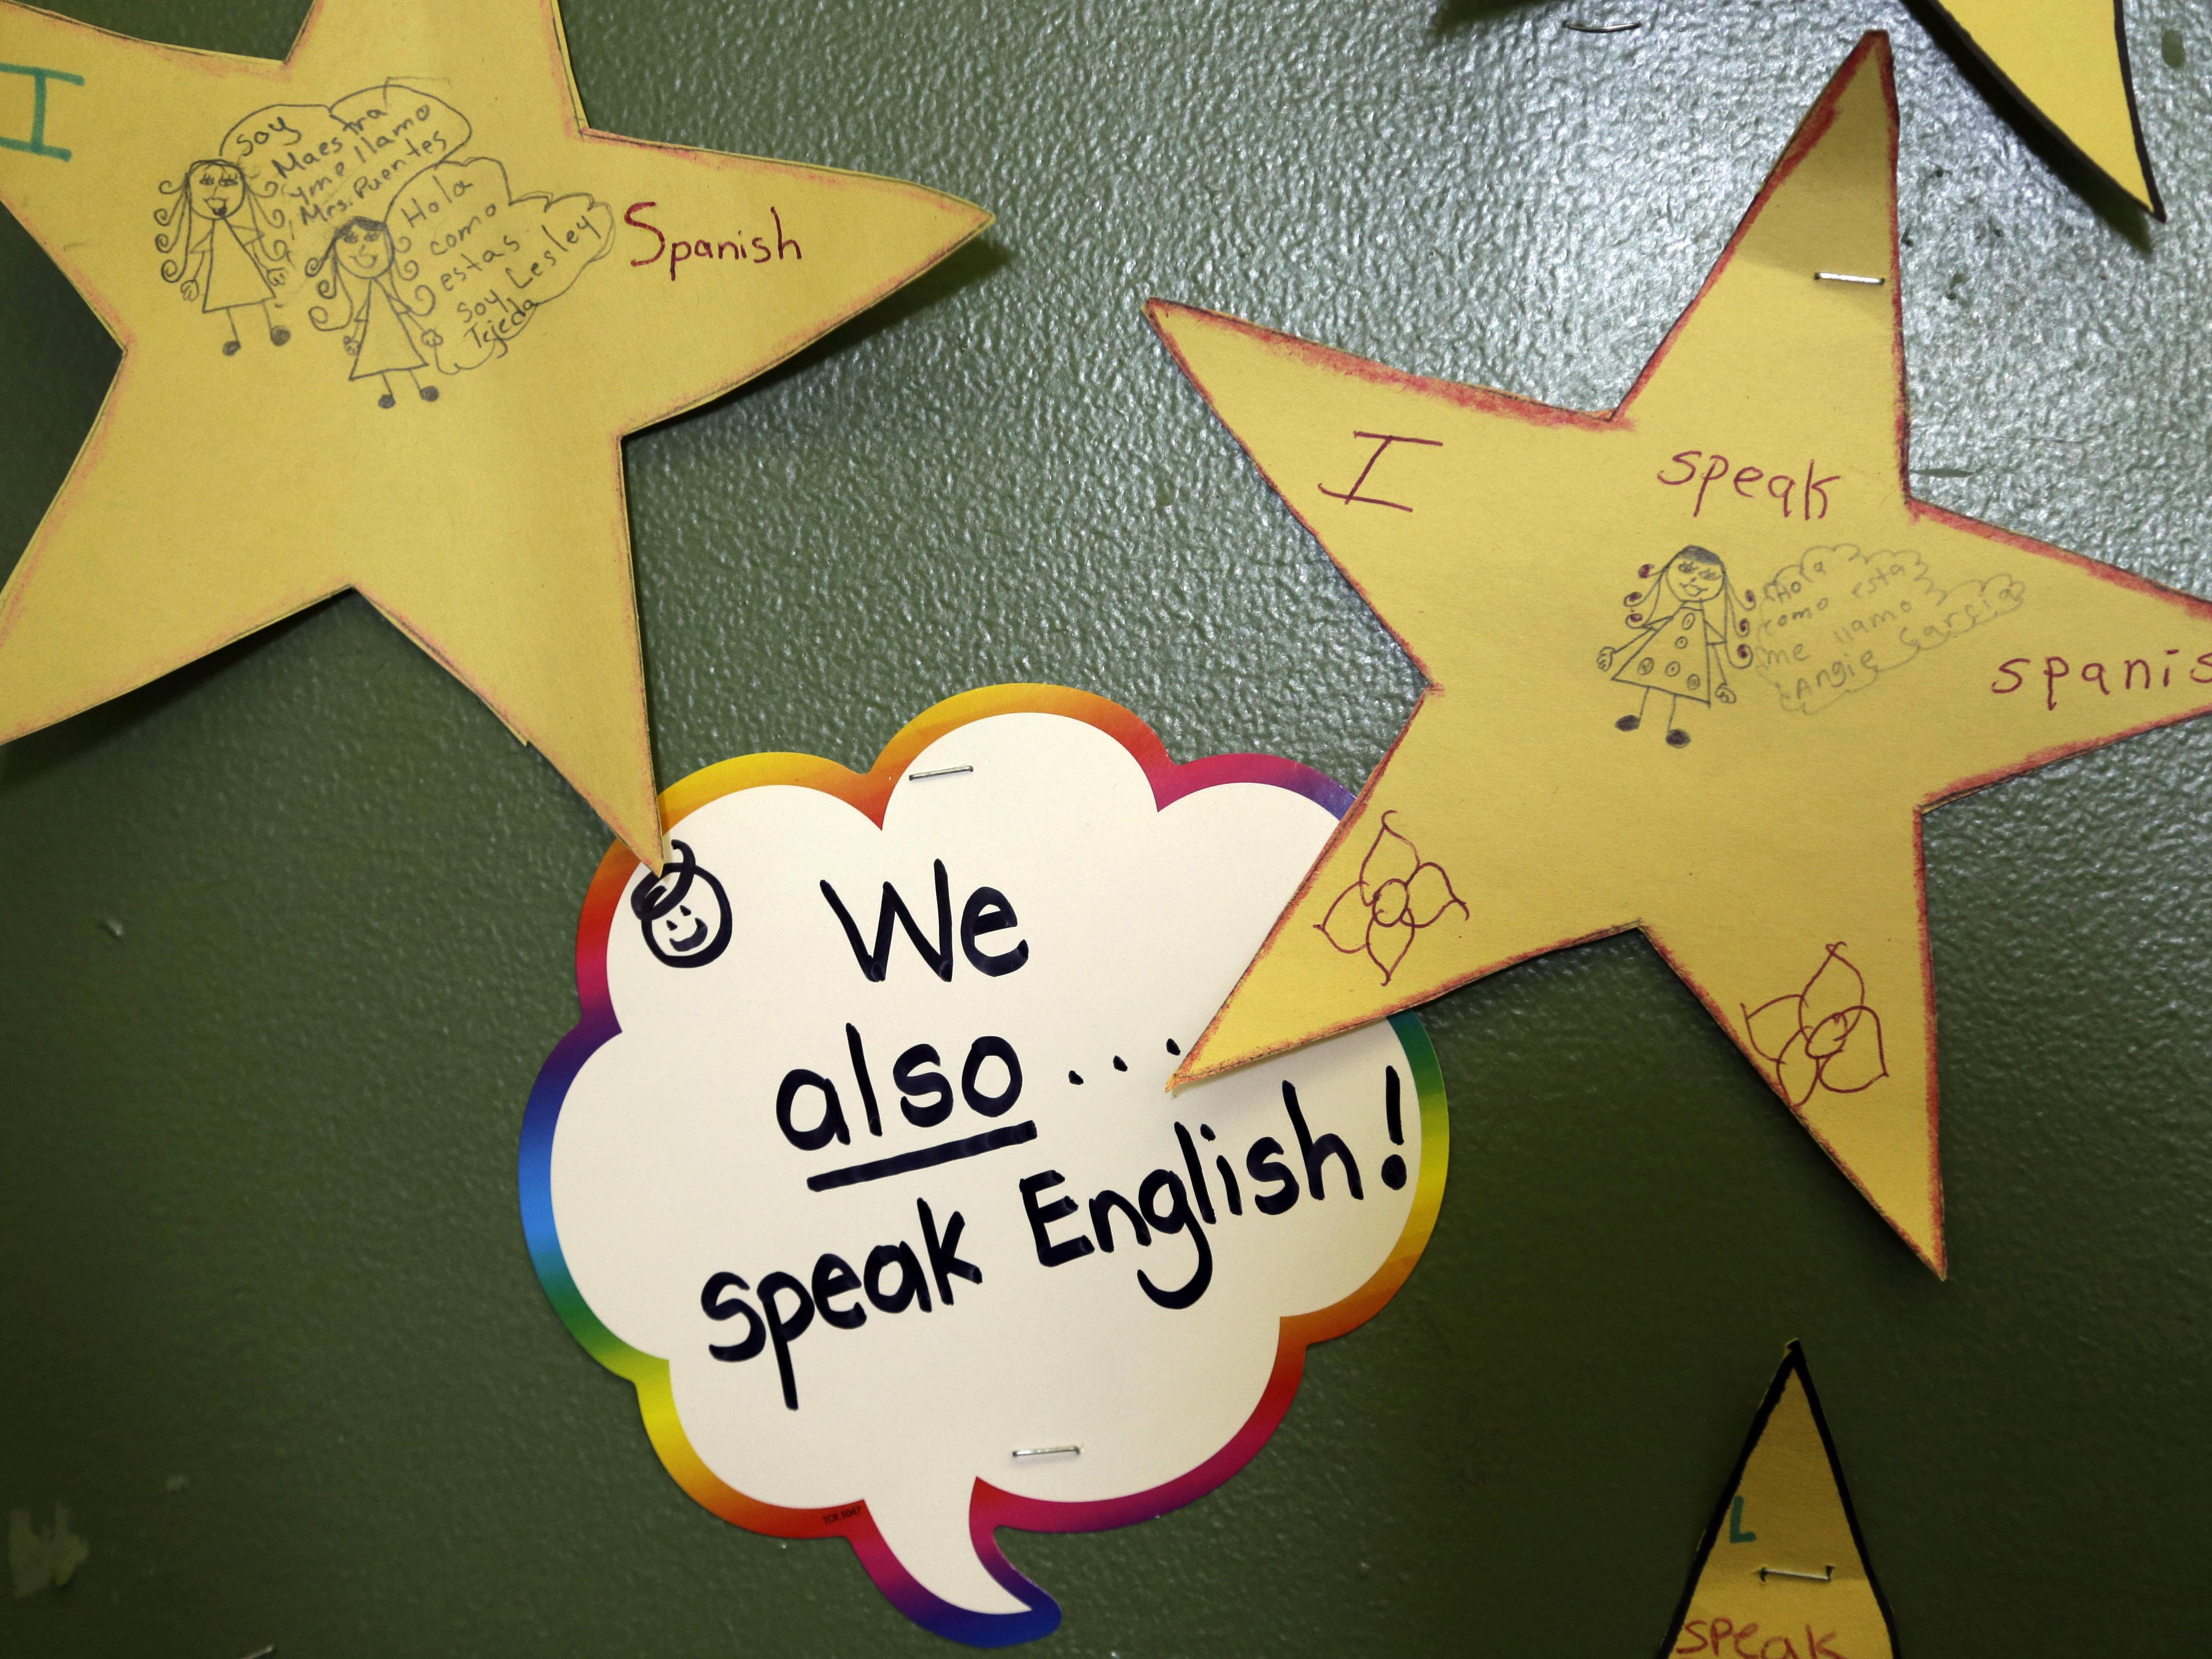 For Latino Parents Bilingual Classrooms Arent Just About Language  For Latino Parents Bilingual Classrooms Arent Just About Language  Texas  Public Radio